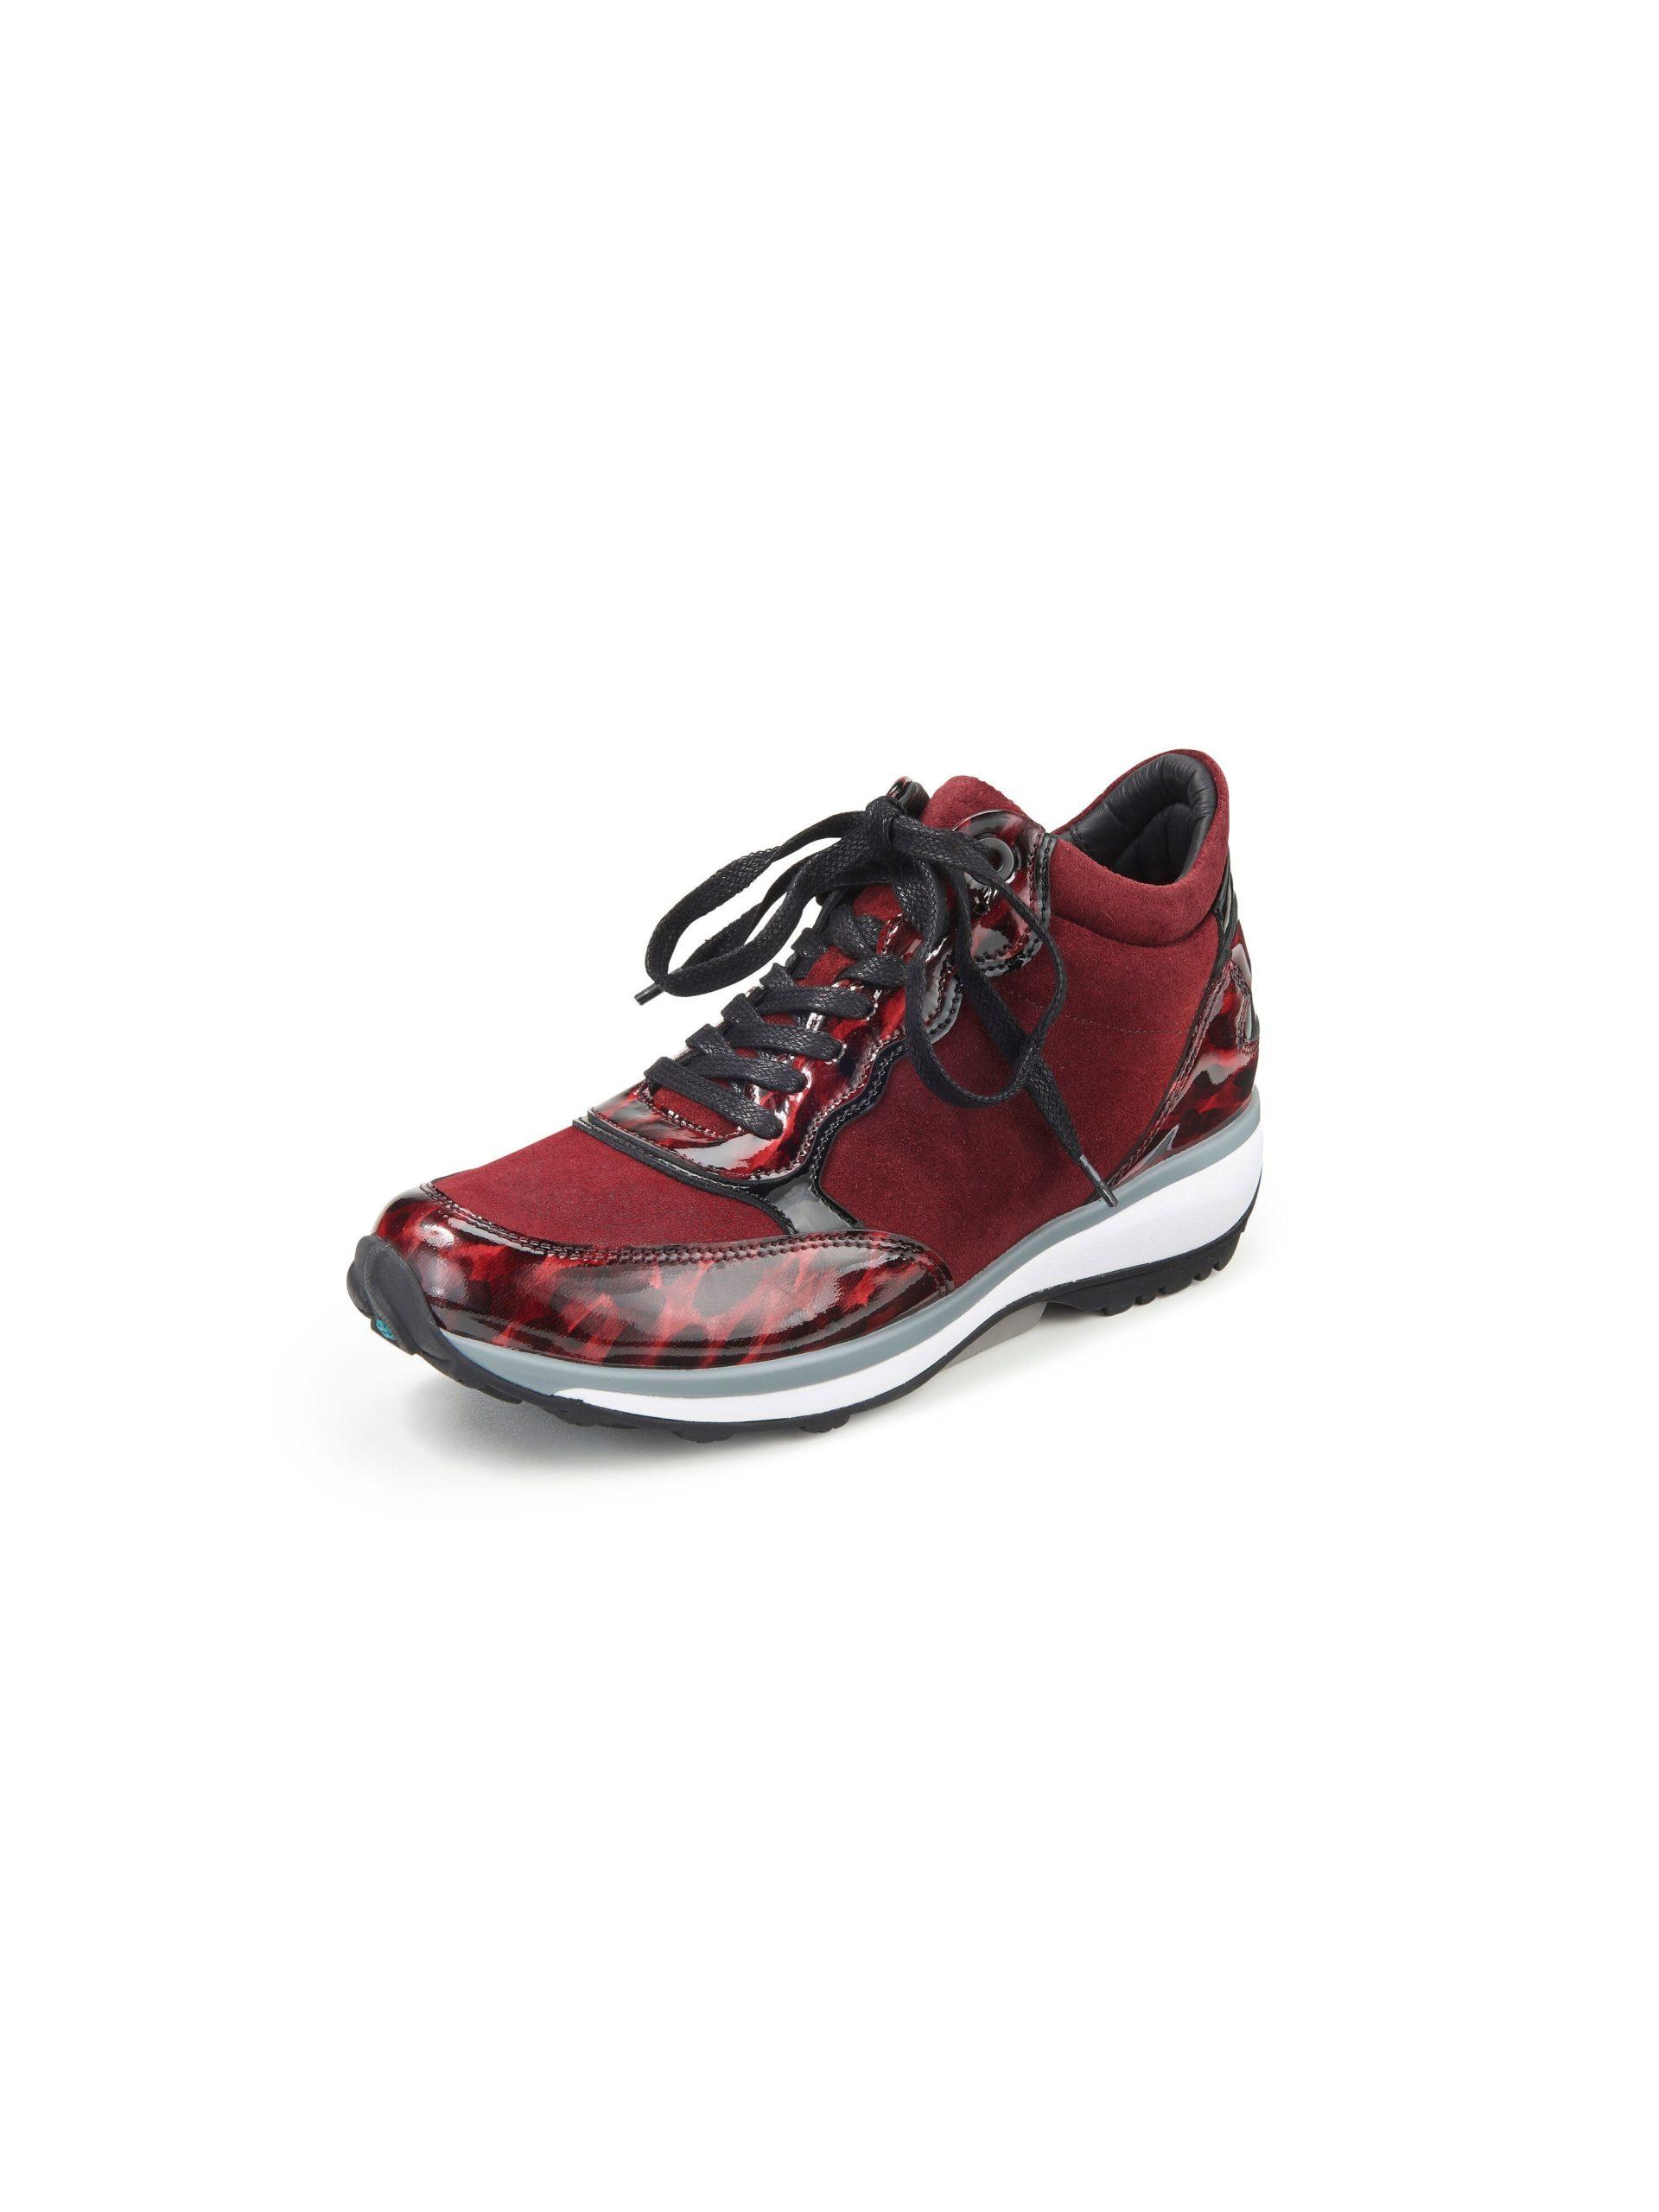 Sneakers model Roma Van Xsensible rood Kopen